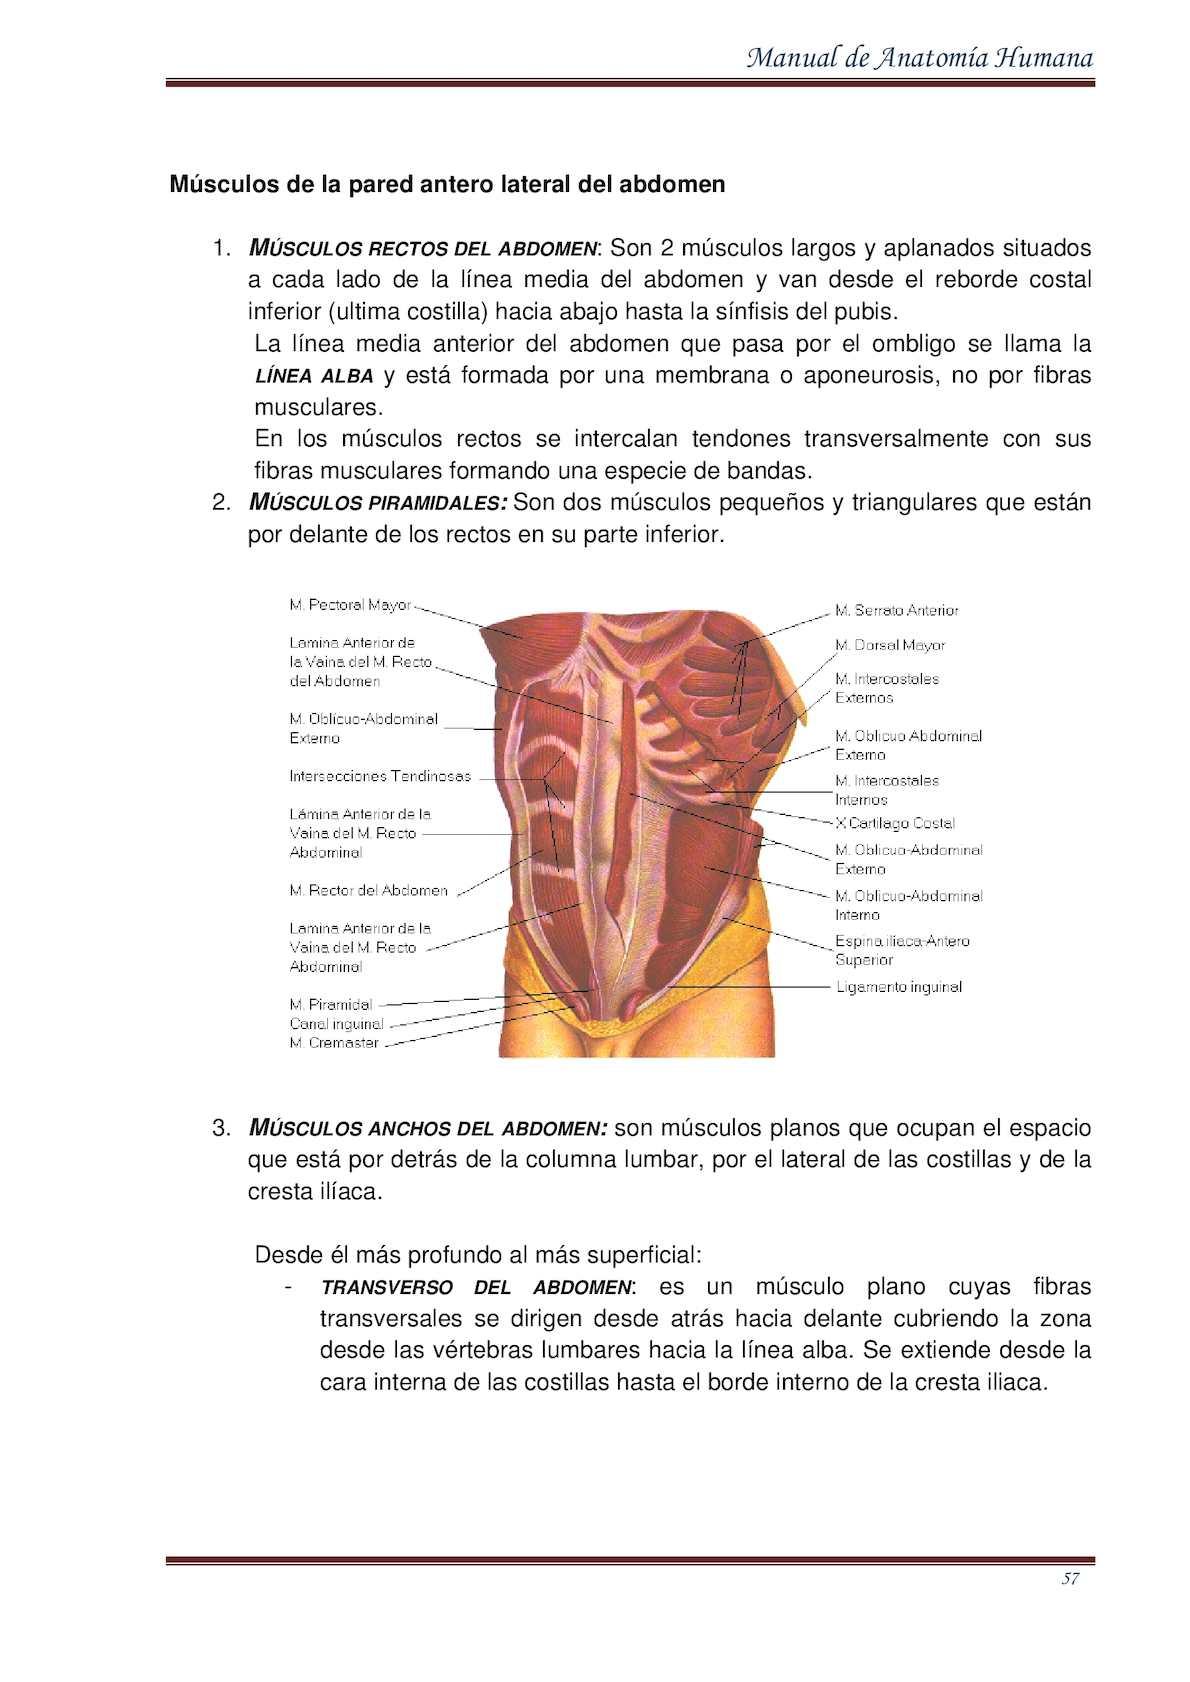 Famoso Anatomía De La Ingle Masculina Componente - Imágenes de ...